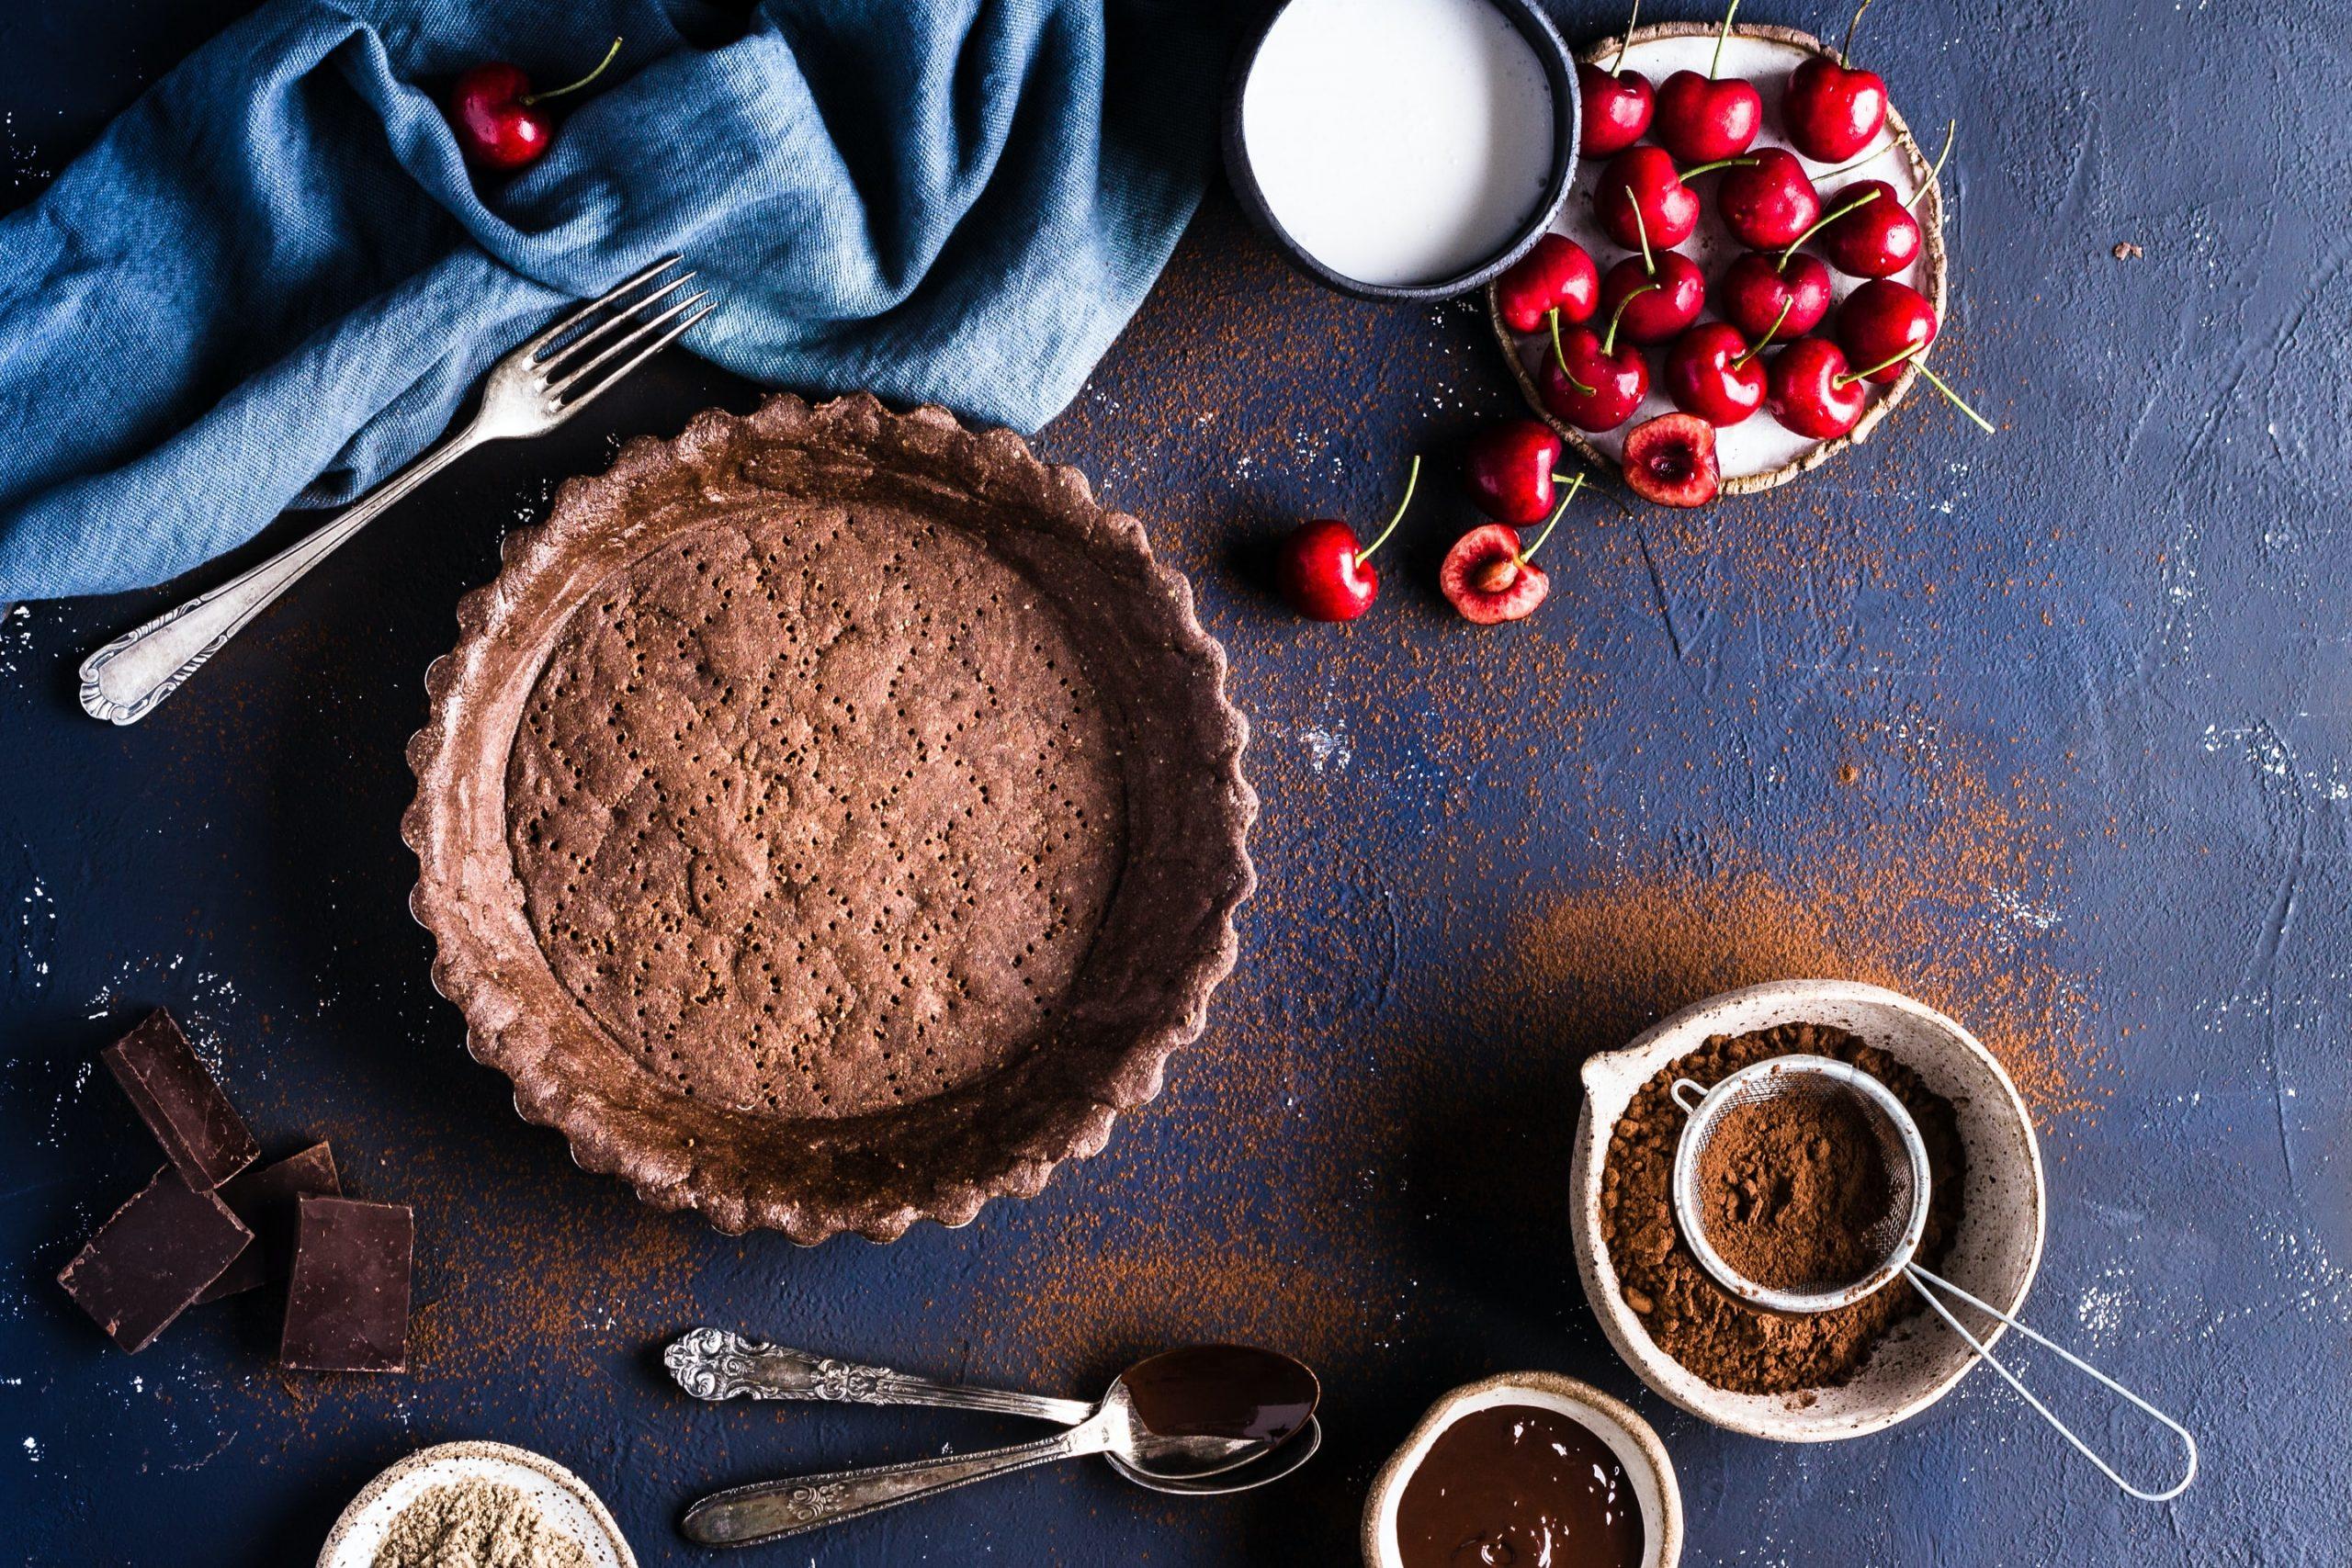 dolce-di-pasta-frolla-alla-ciliegia-e-cioccolato:-come-prepararlo